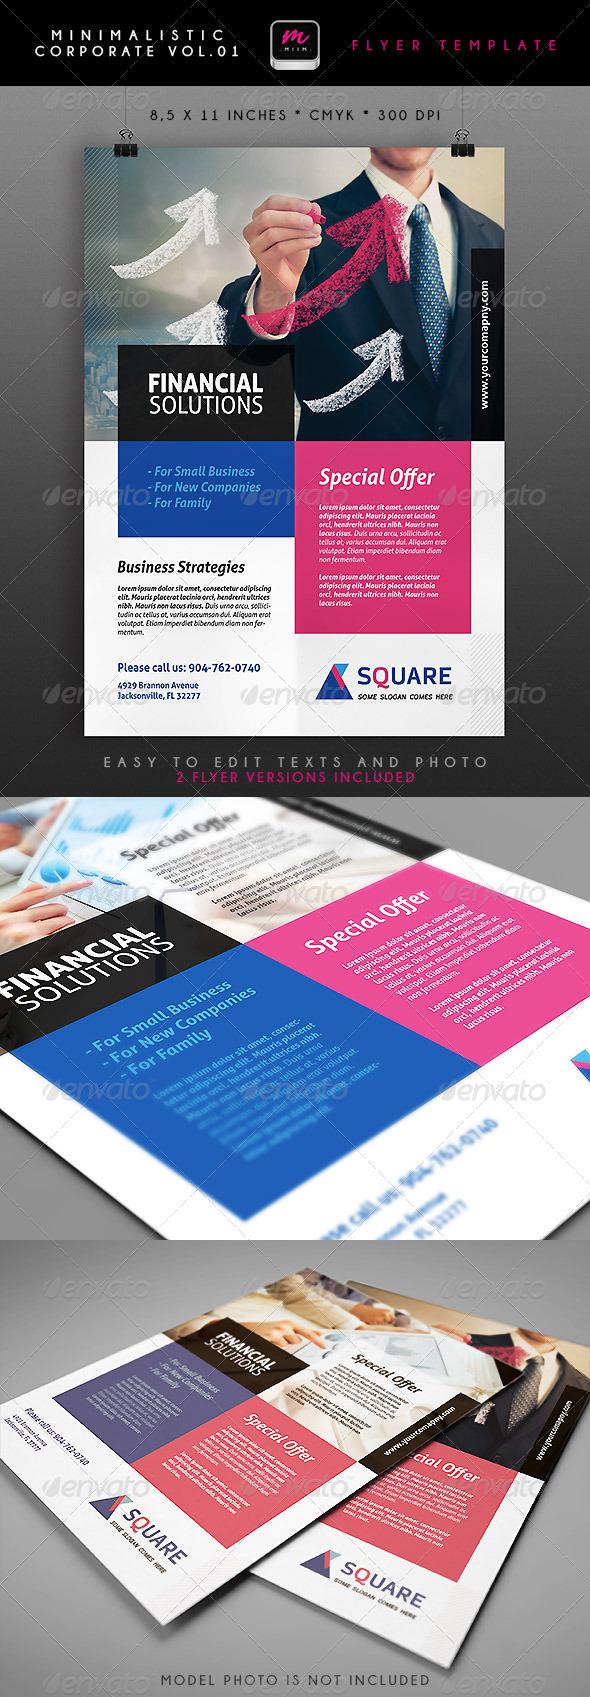 GraphicRiver Minimalistic Corporate Flyer 1 4949173